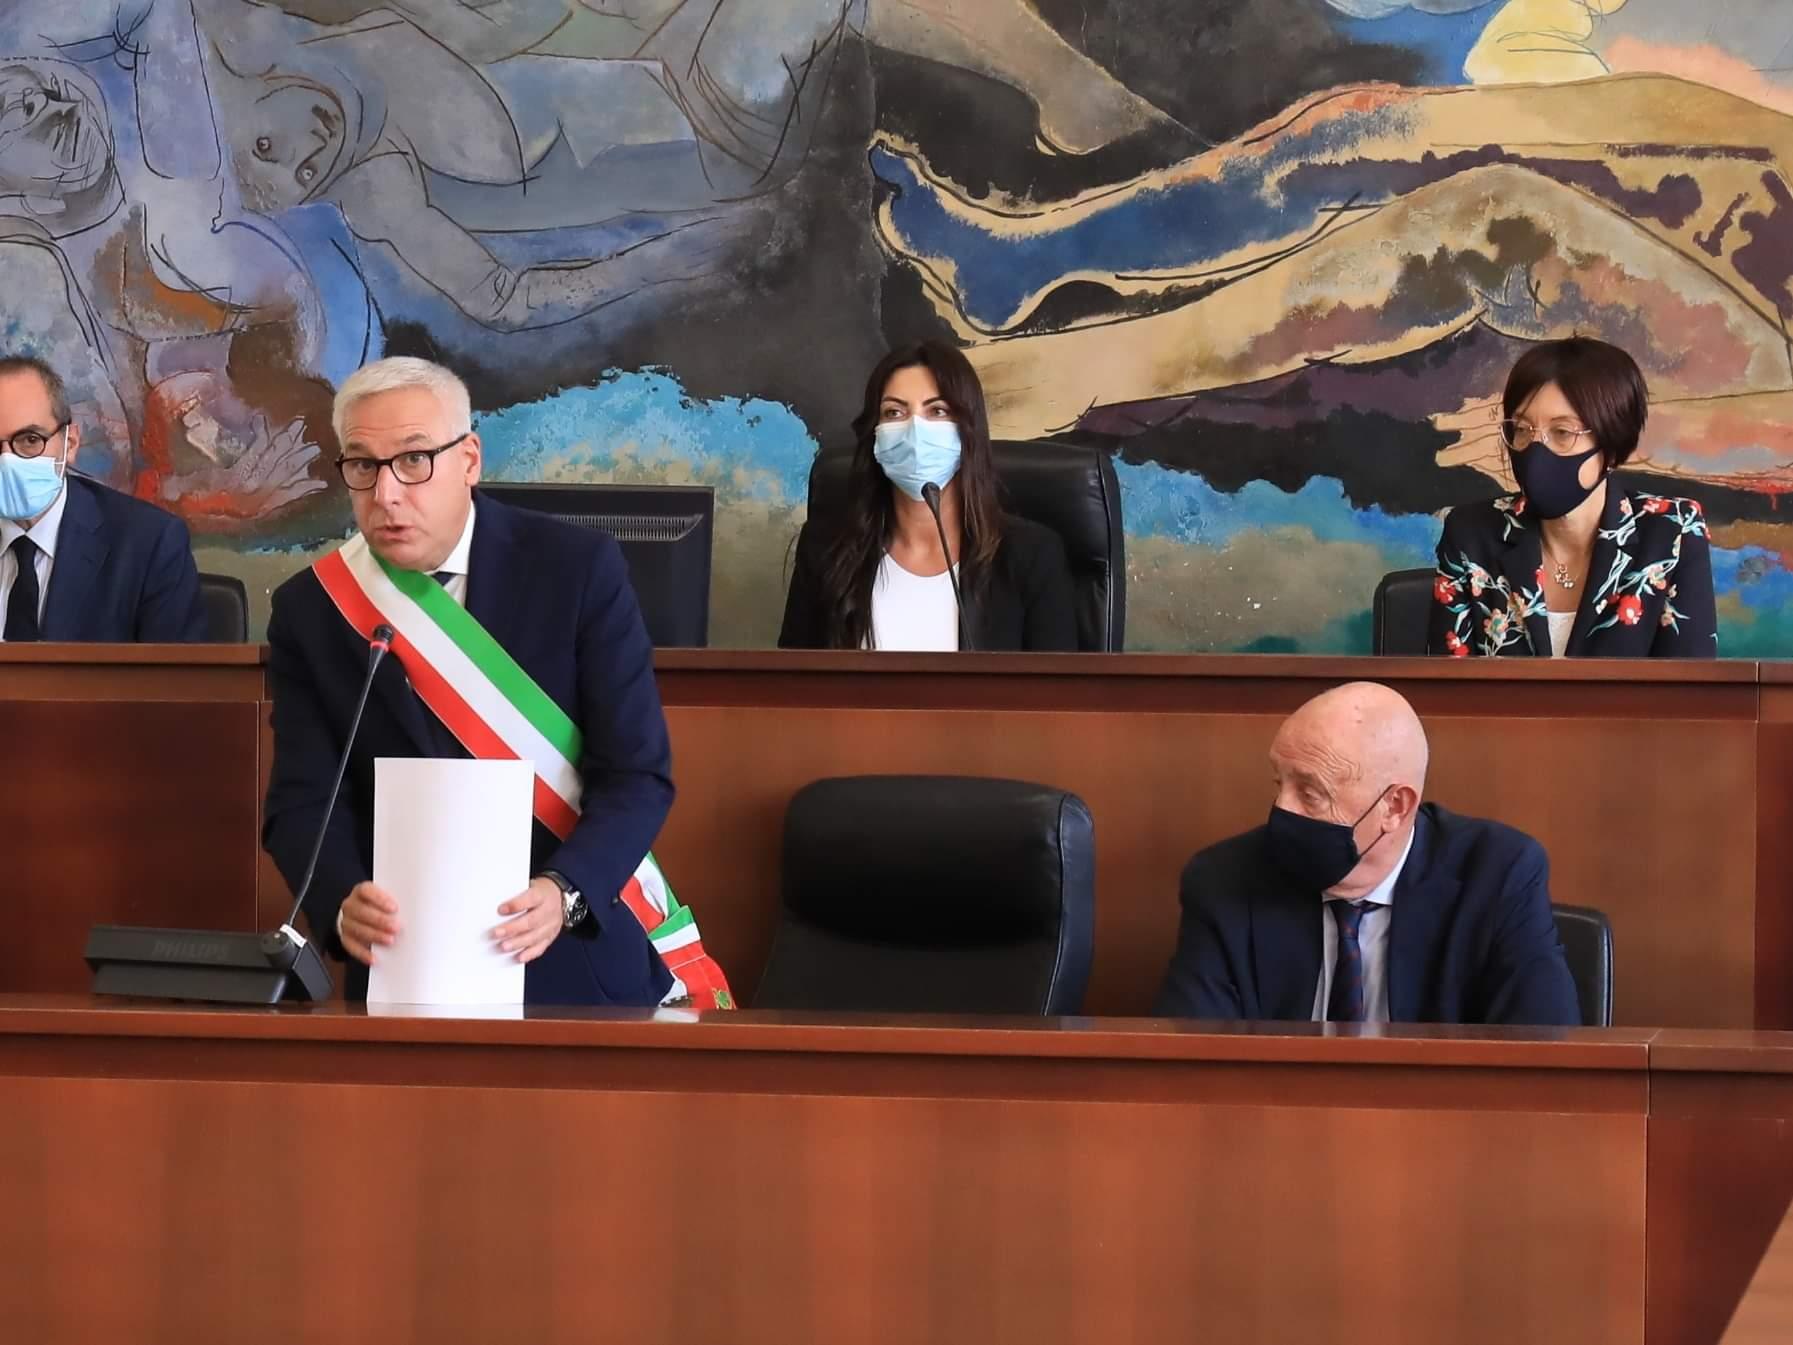 I fumi della campagna elettorale sulla prima assise. Giorgio Del Ghingaro giura, si insedia e illustra le linee programmatiche